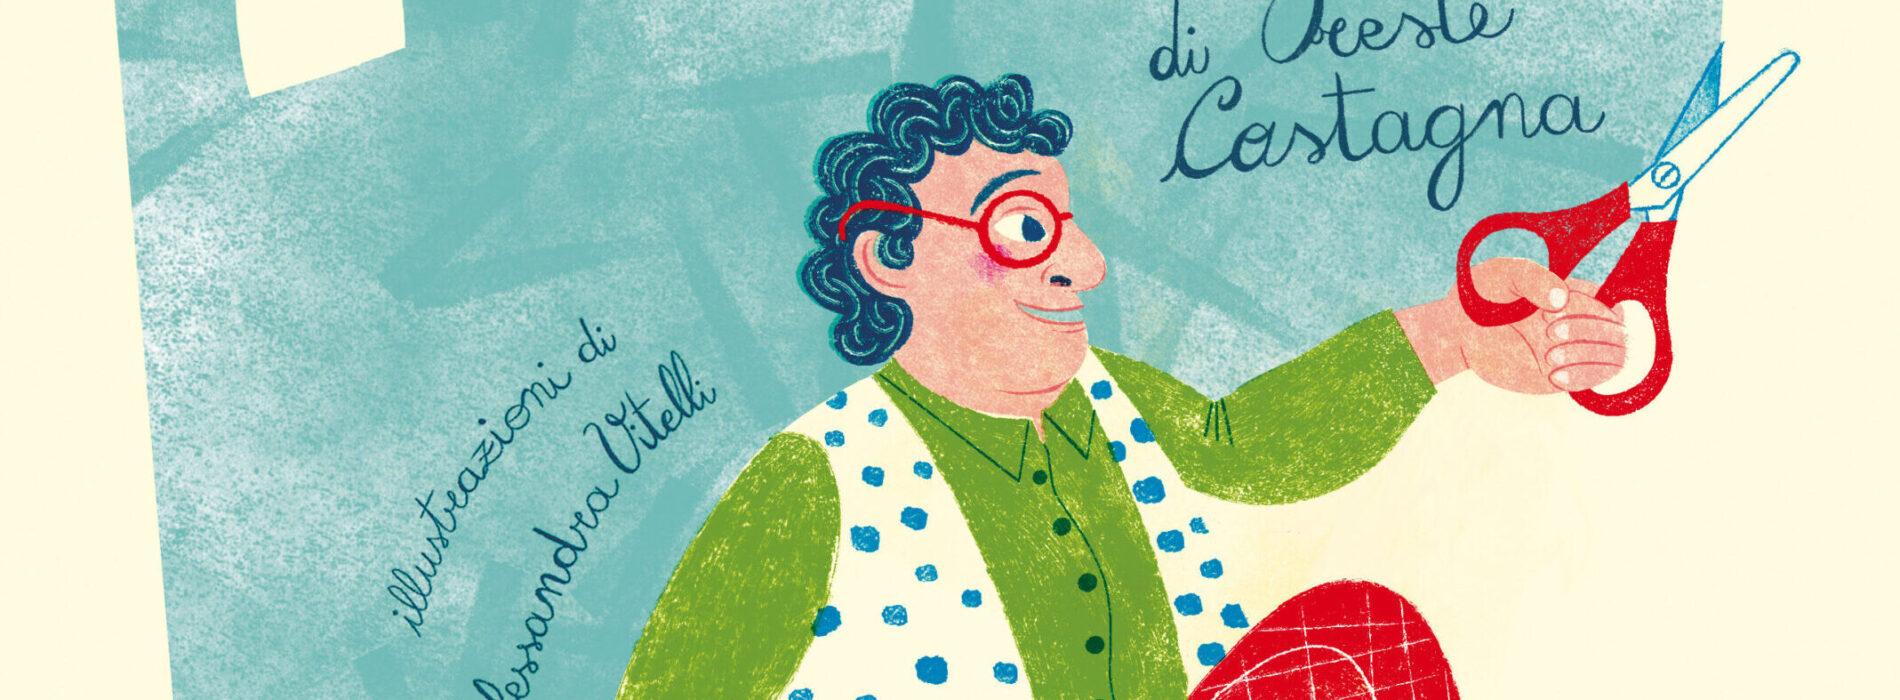 Le Cartastorie, in libreria il libro per bambini nato da un'idea di Michele Casella